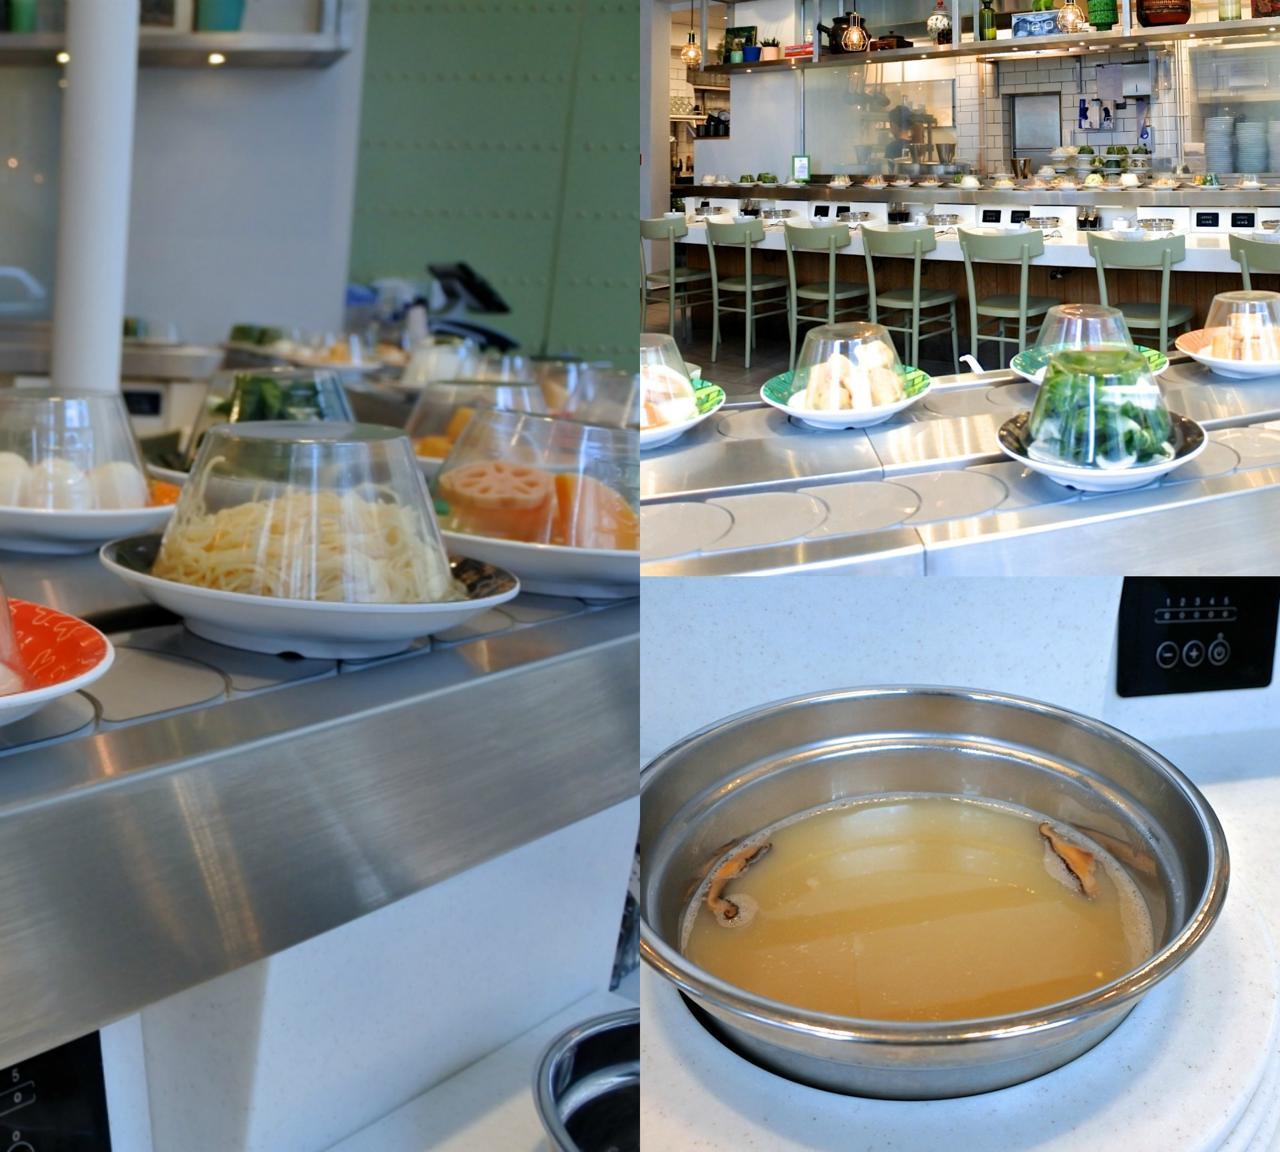 お野菜出汁、なかなか美味しかったです。麺の種類がどのくらいあるのか知らず、目の前にすぐにやってきた卵麺をチョイス! フォーもよかったかな、なんて・・・